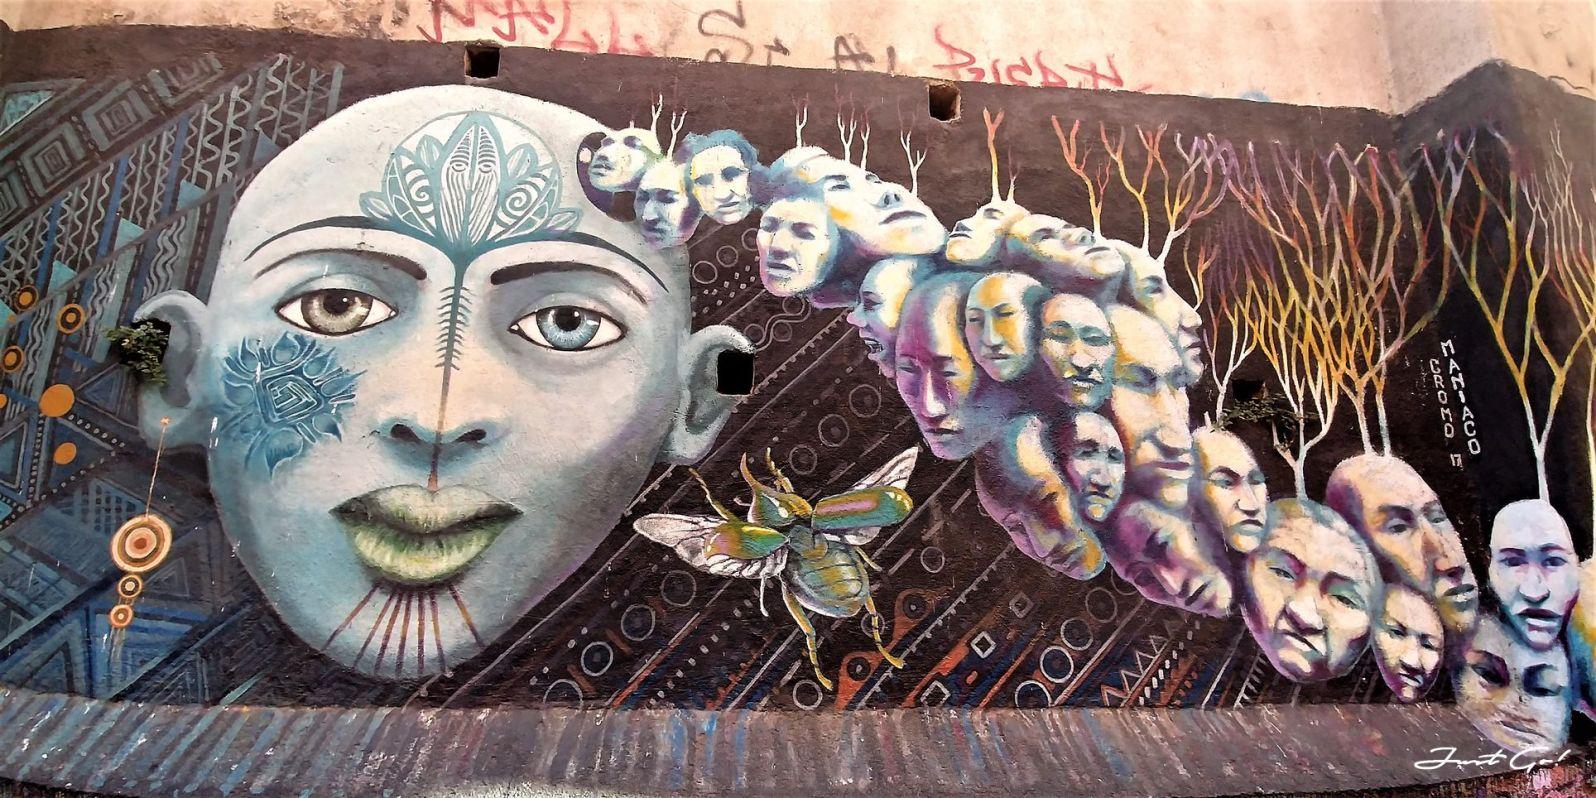 智利 - 聖地牙哥後花園·Valparaiso免費導覽經典景點一日小旅行16